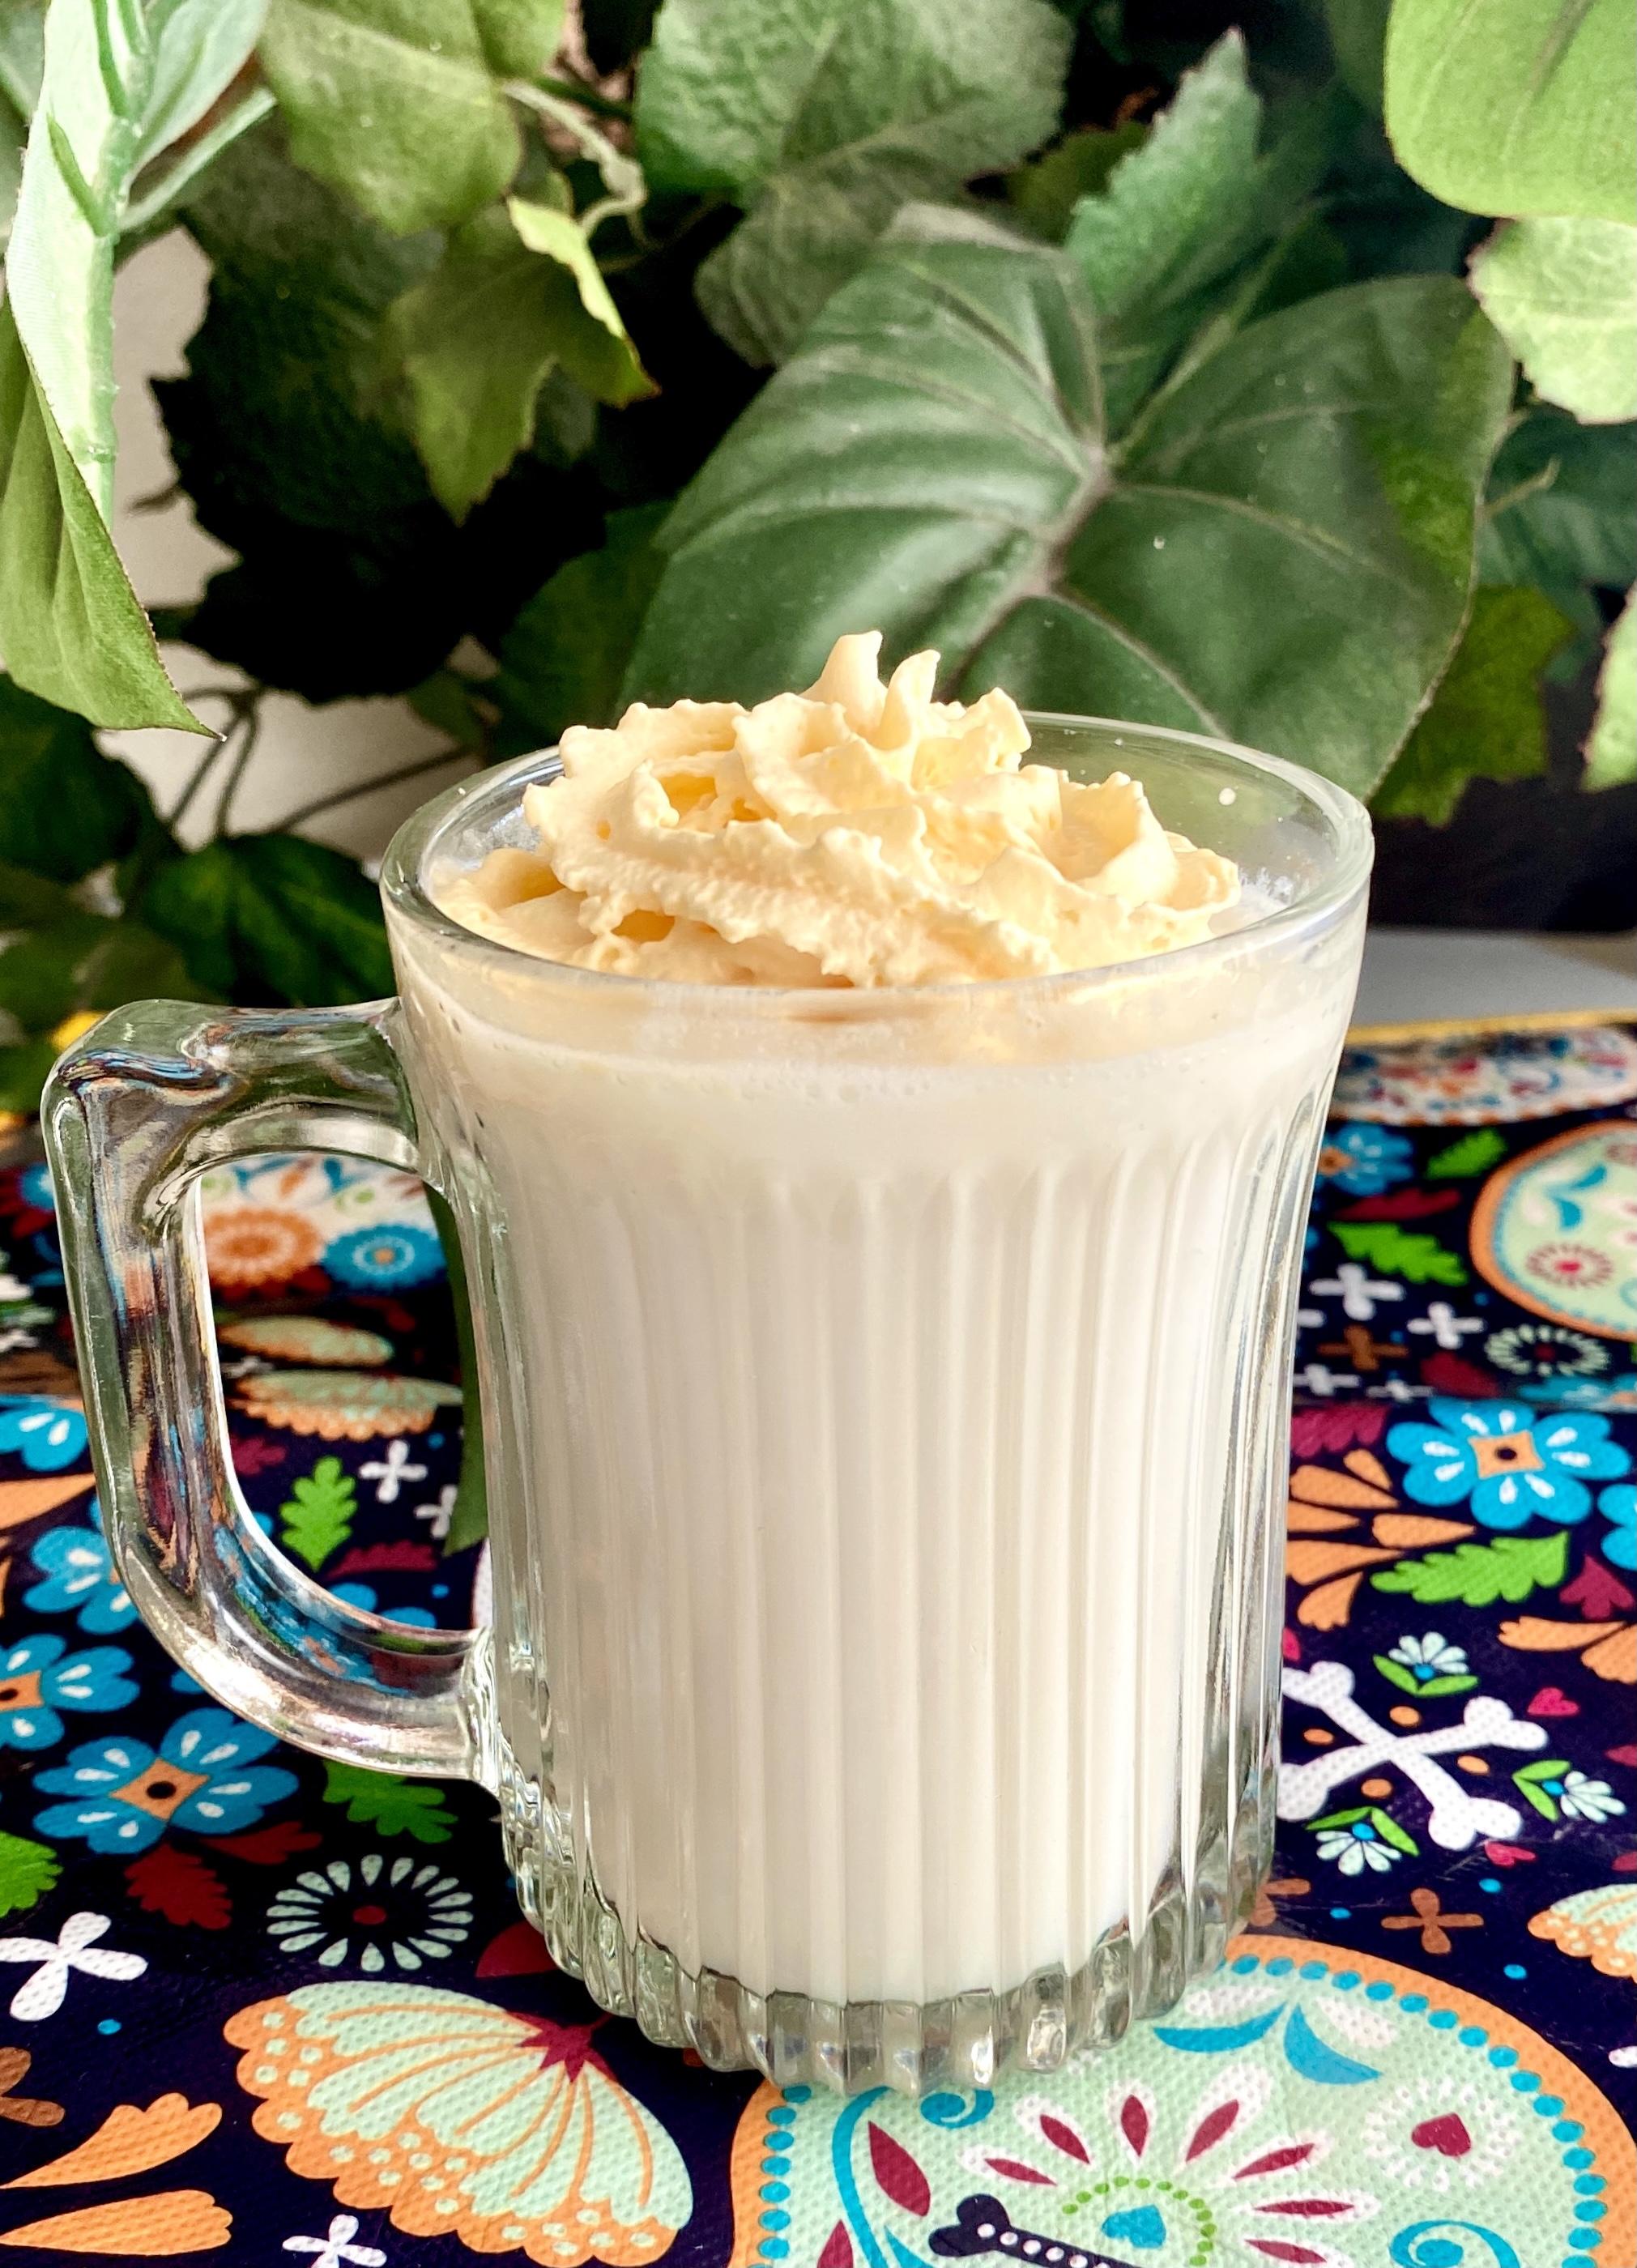 Homemade White Hot Chocolate